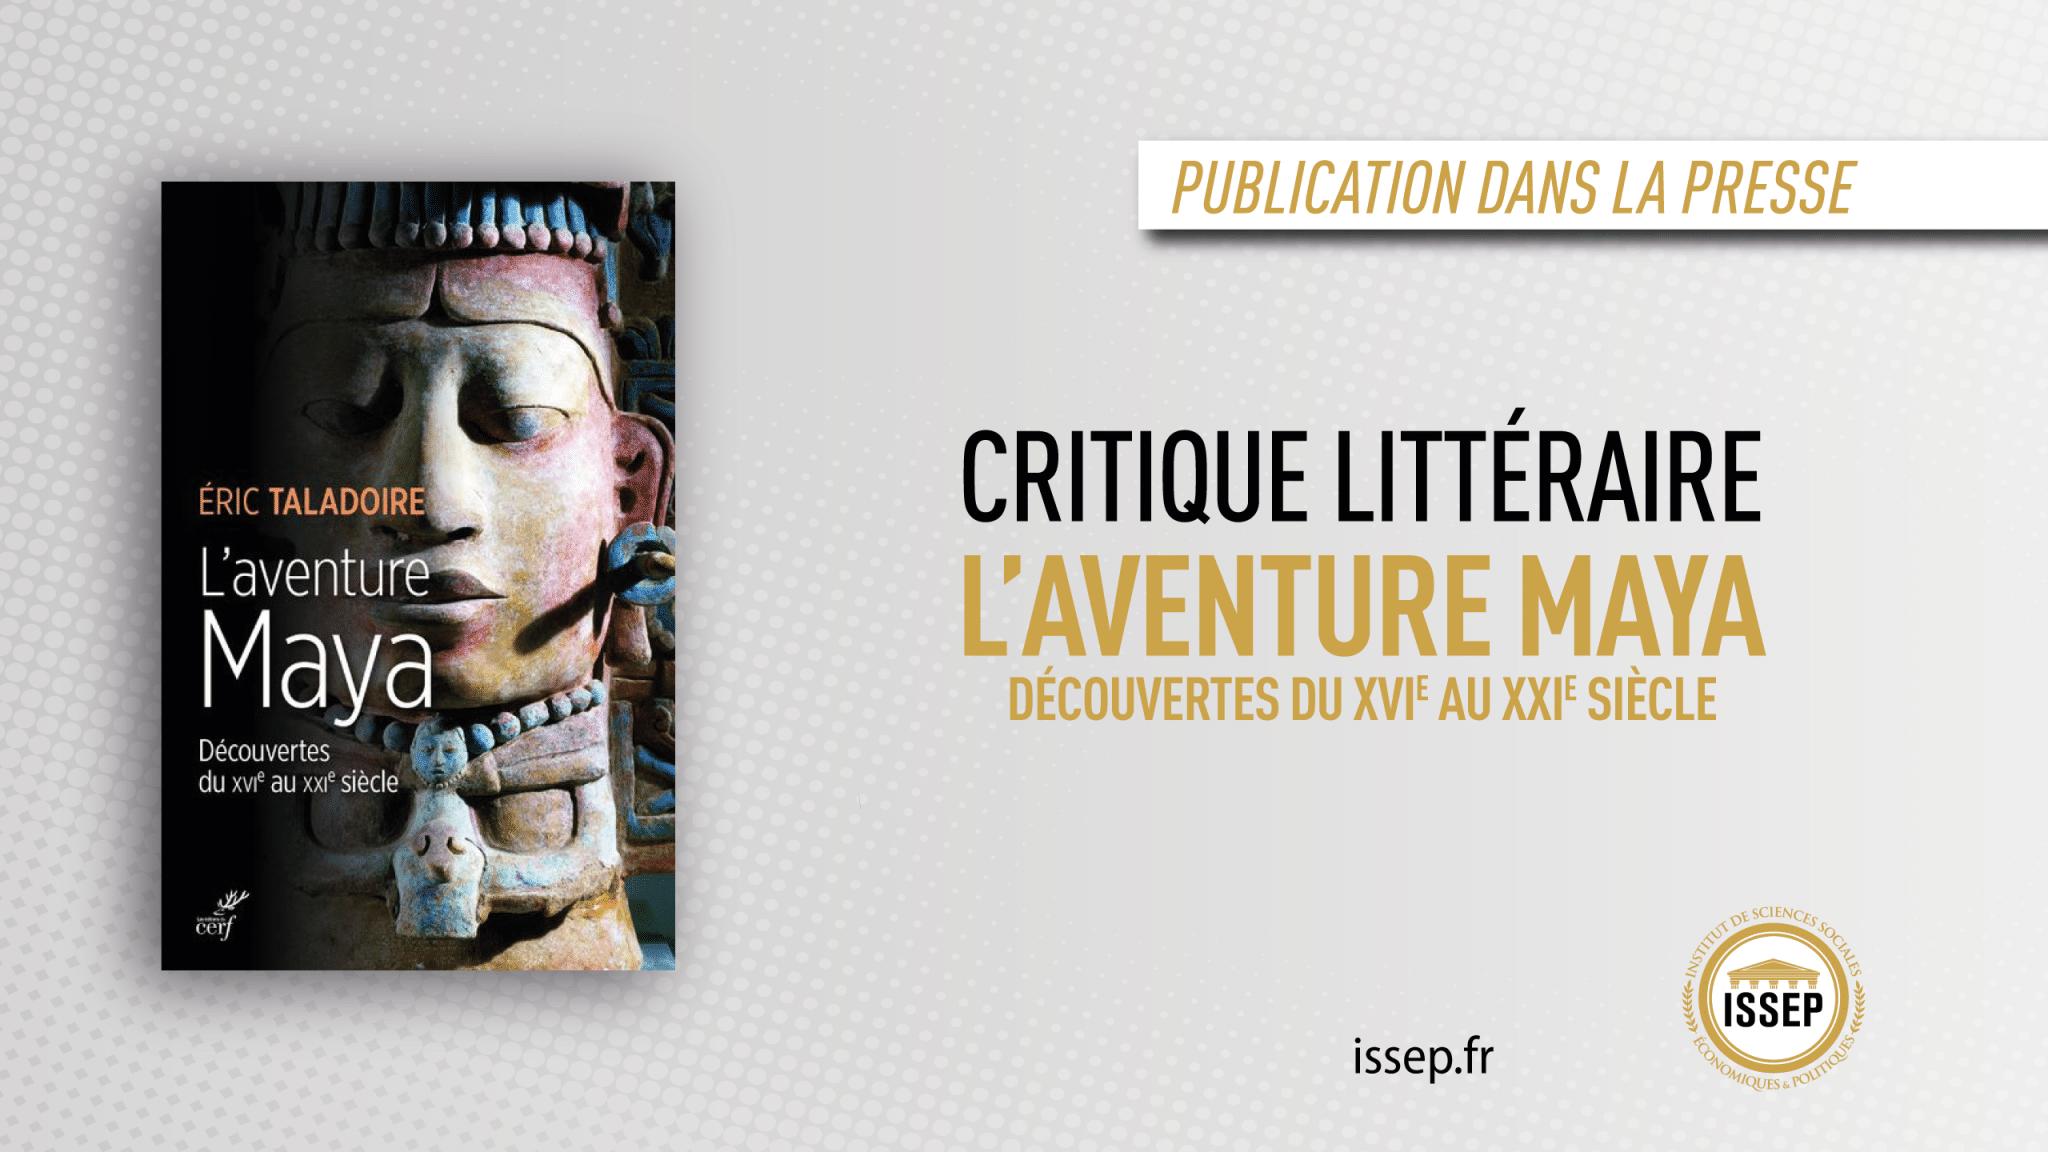 Critique littéraire ISSEP - L'aventure Maya